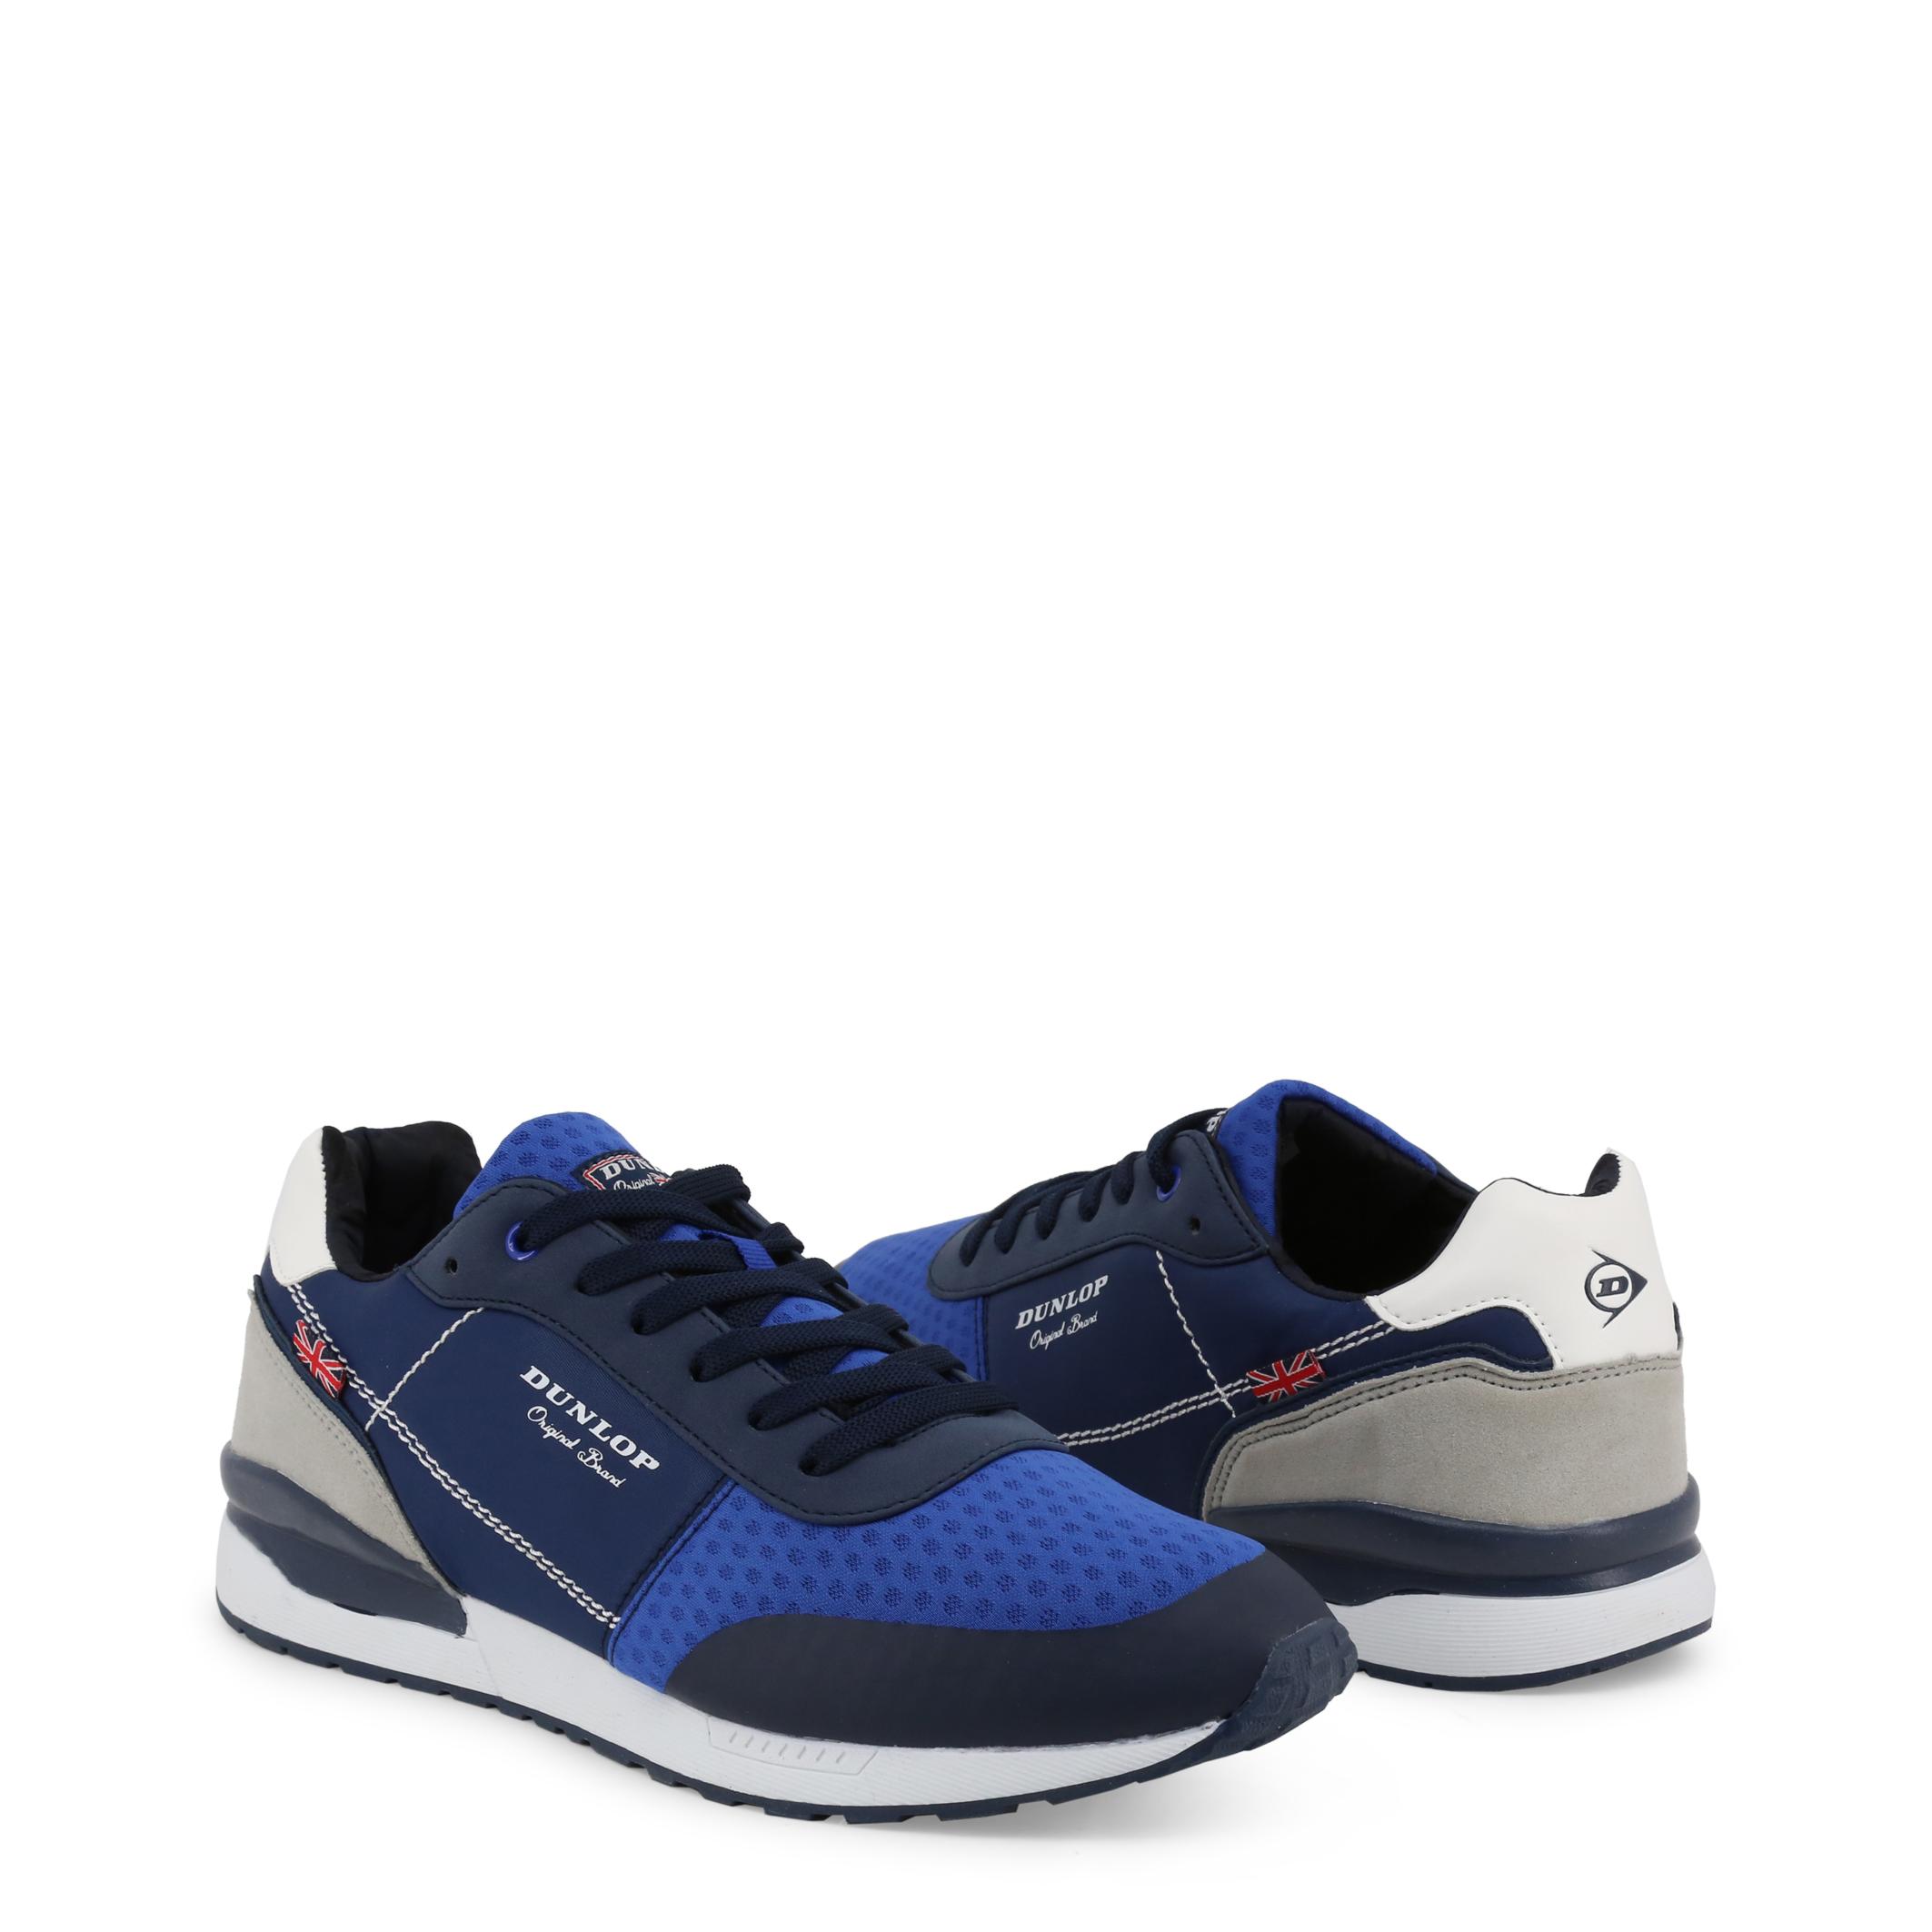 Baskets / Sport  Dunlop 35356 blue